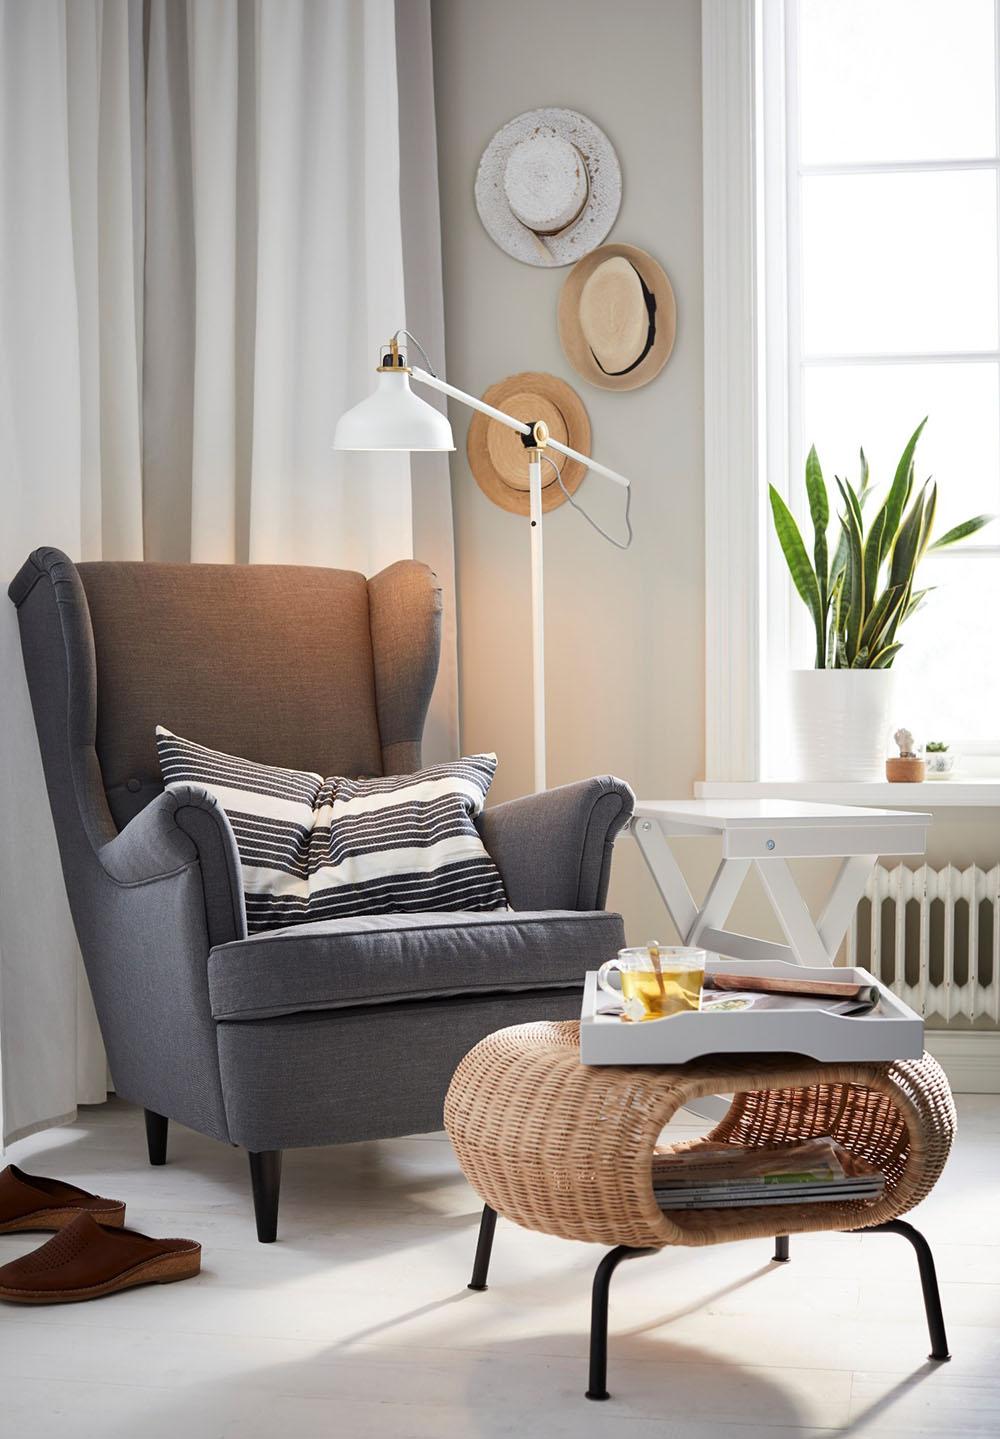 Fotel – styl skandynawski rynekpierwotny.pl IKEA